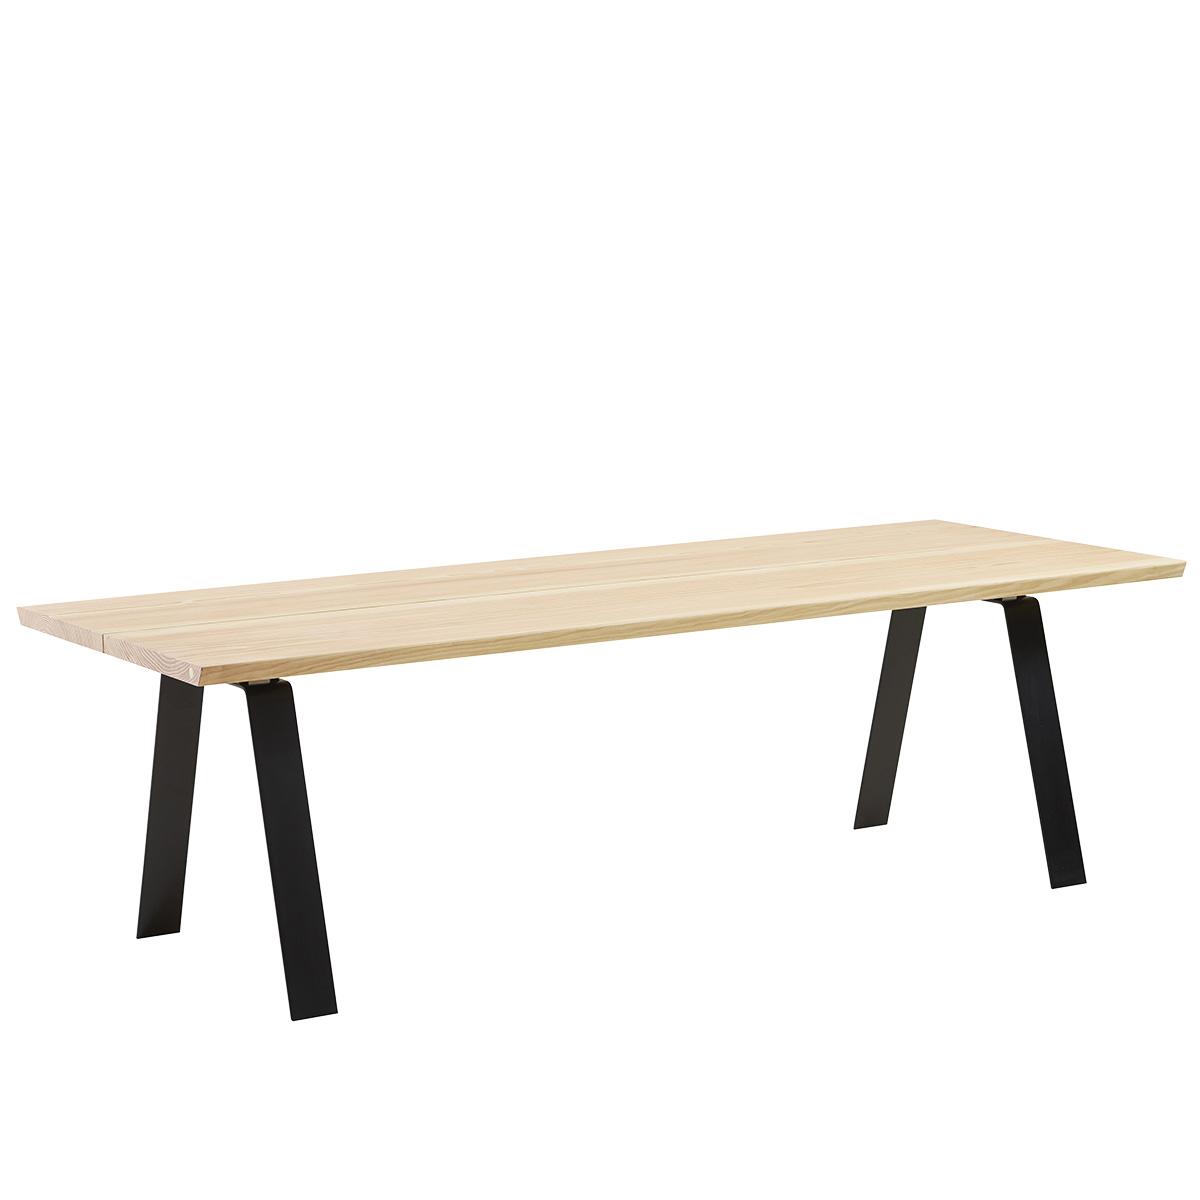 Træfolk plankebord - Heimdal - Fyr/Metal